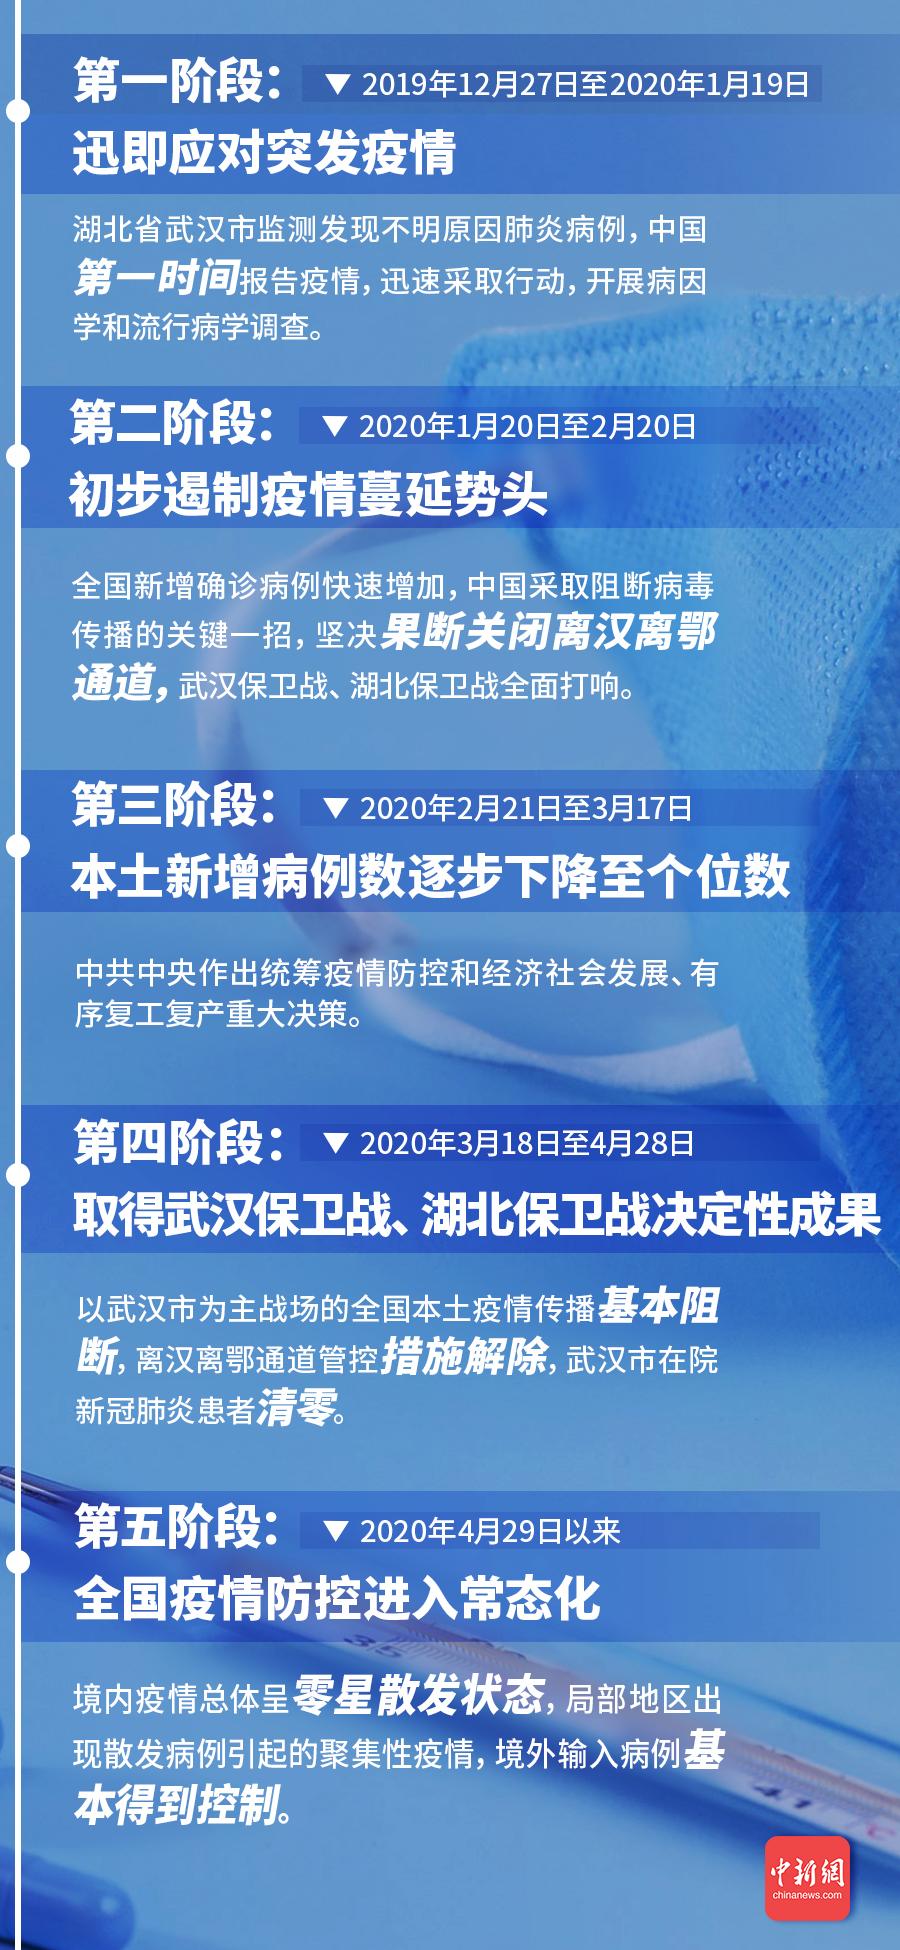 白皮书:中国抗击疫情的艰辛历程分为五个阶段